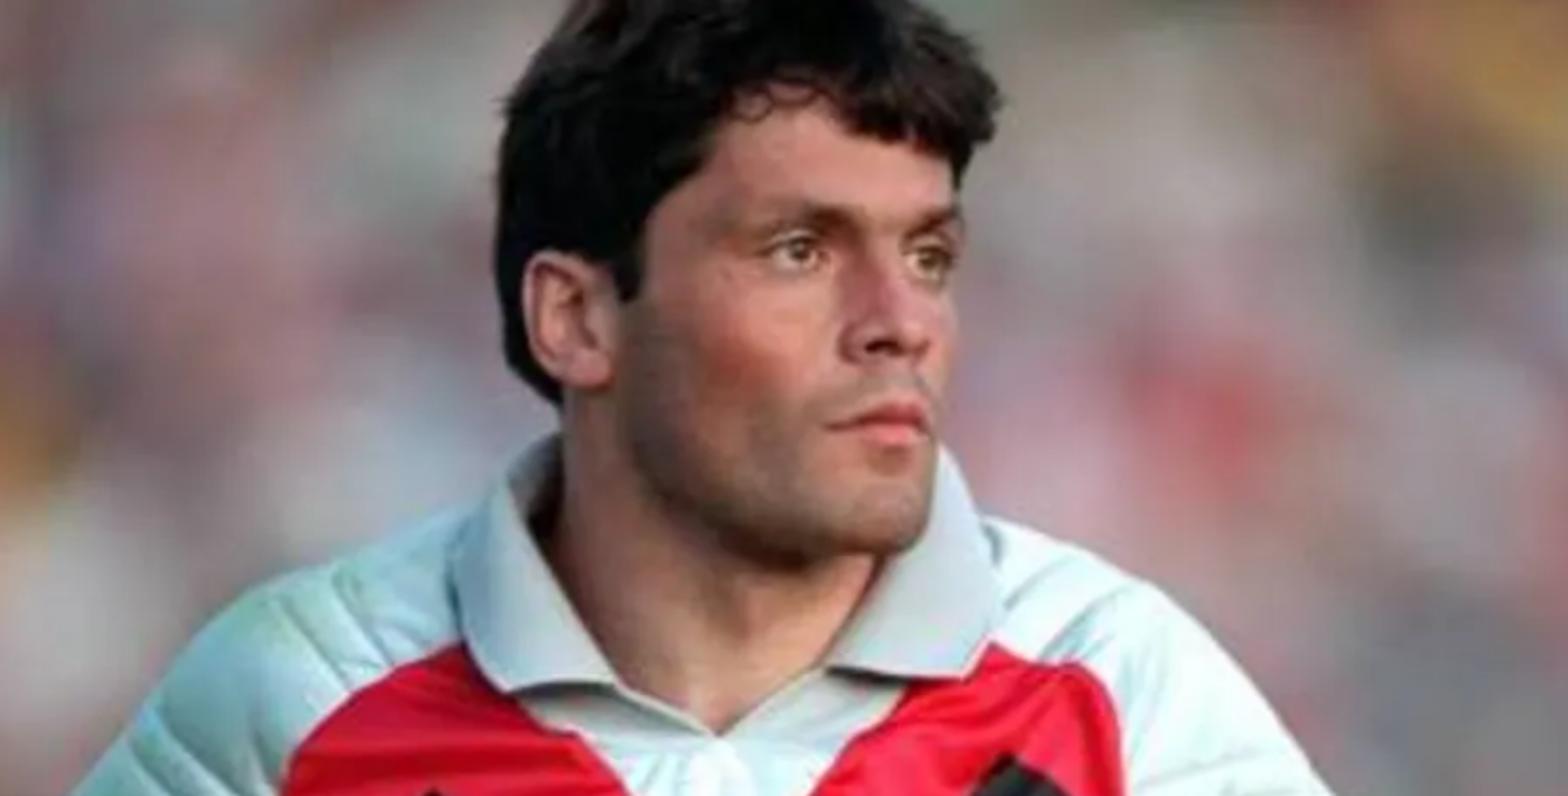 Bruno Martini (Francia-Grecia, 1988)